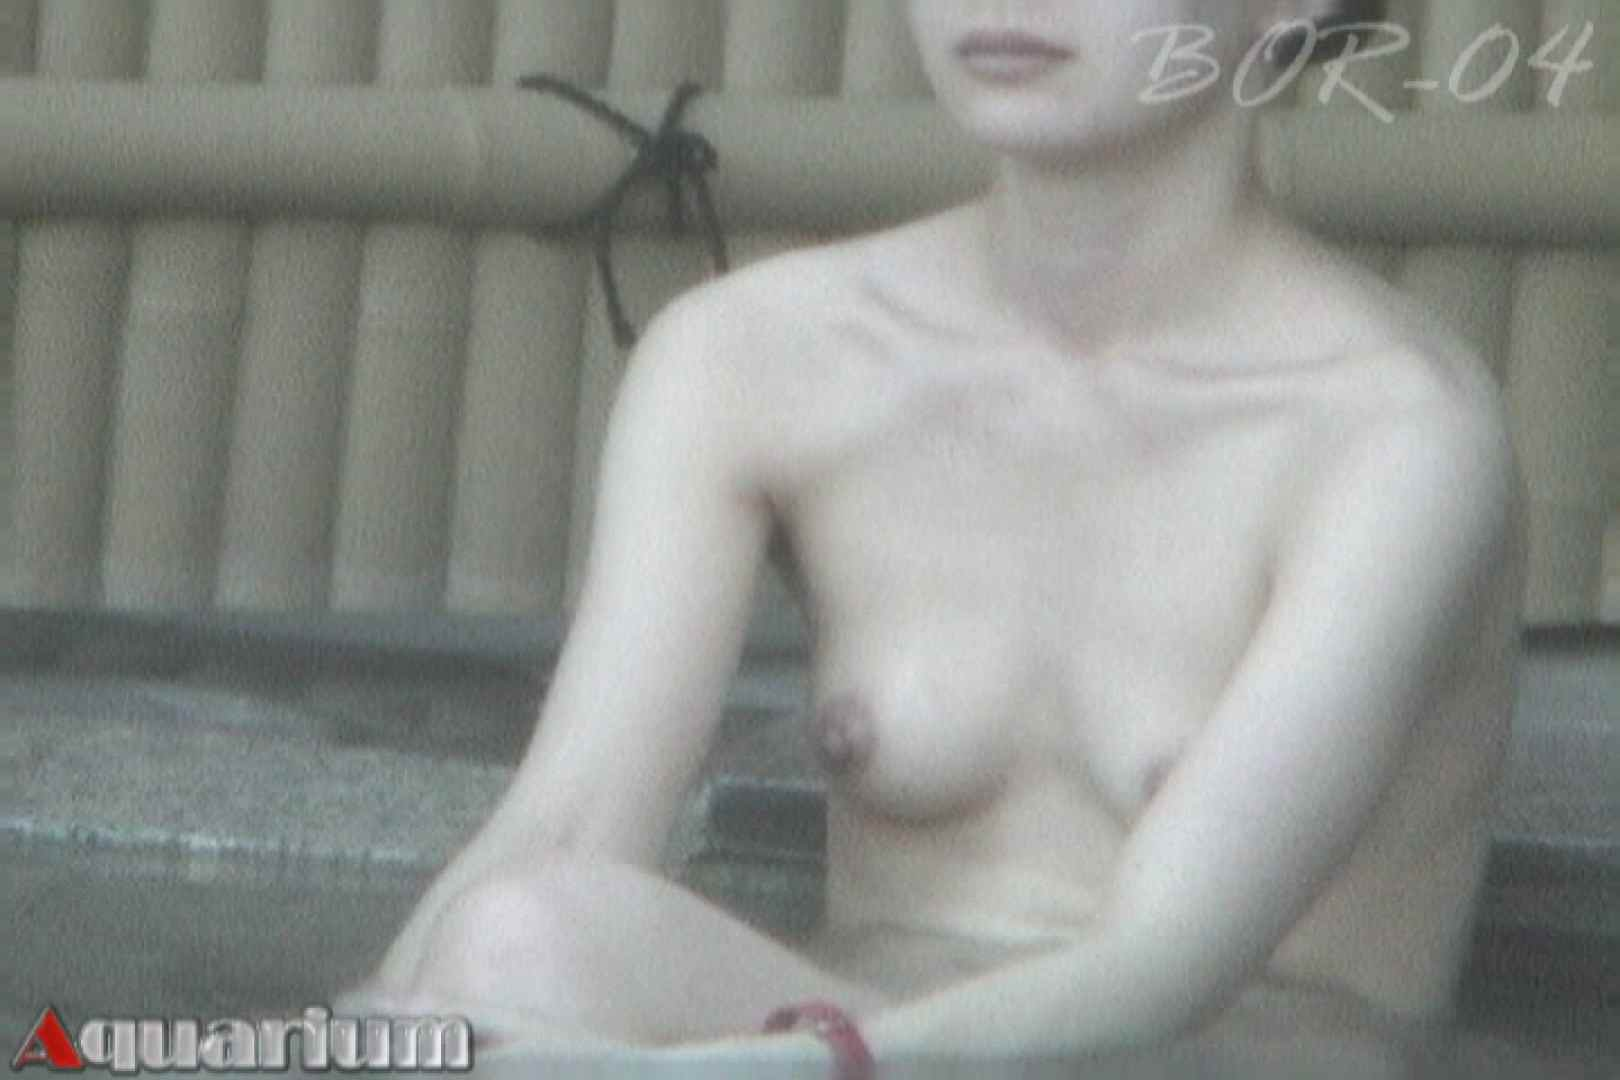 Aquaな露天風呂Vol.512 OL女体 | 女体盗撮  107連発 37